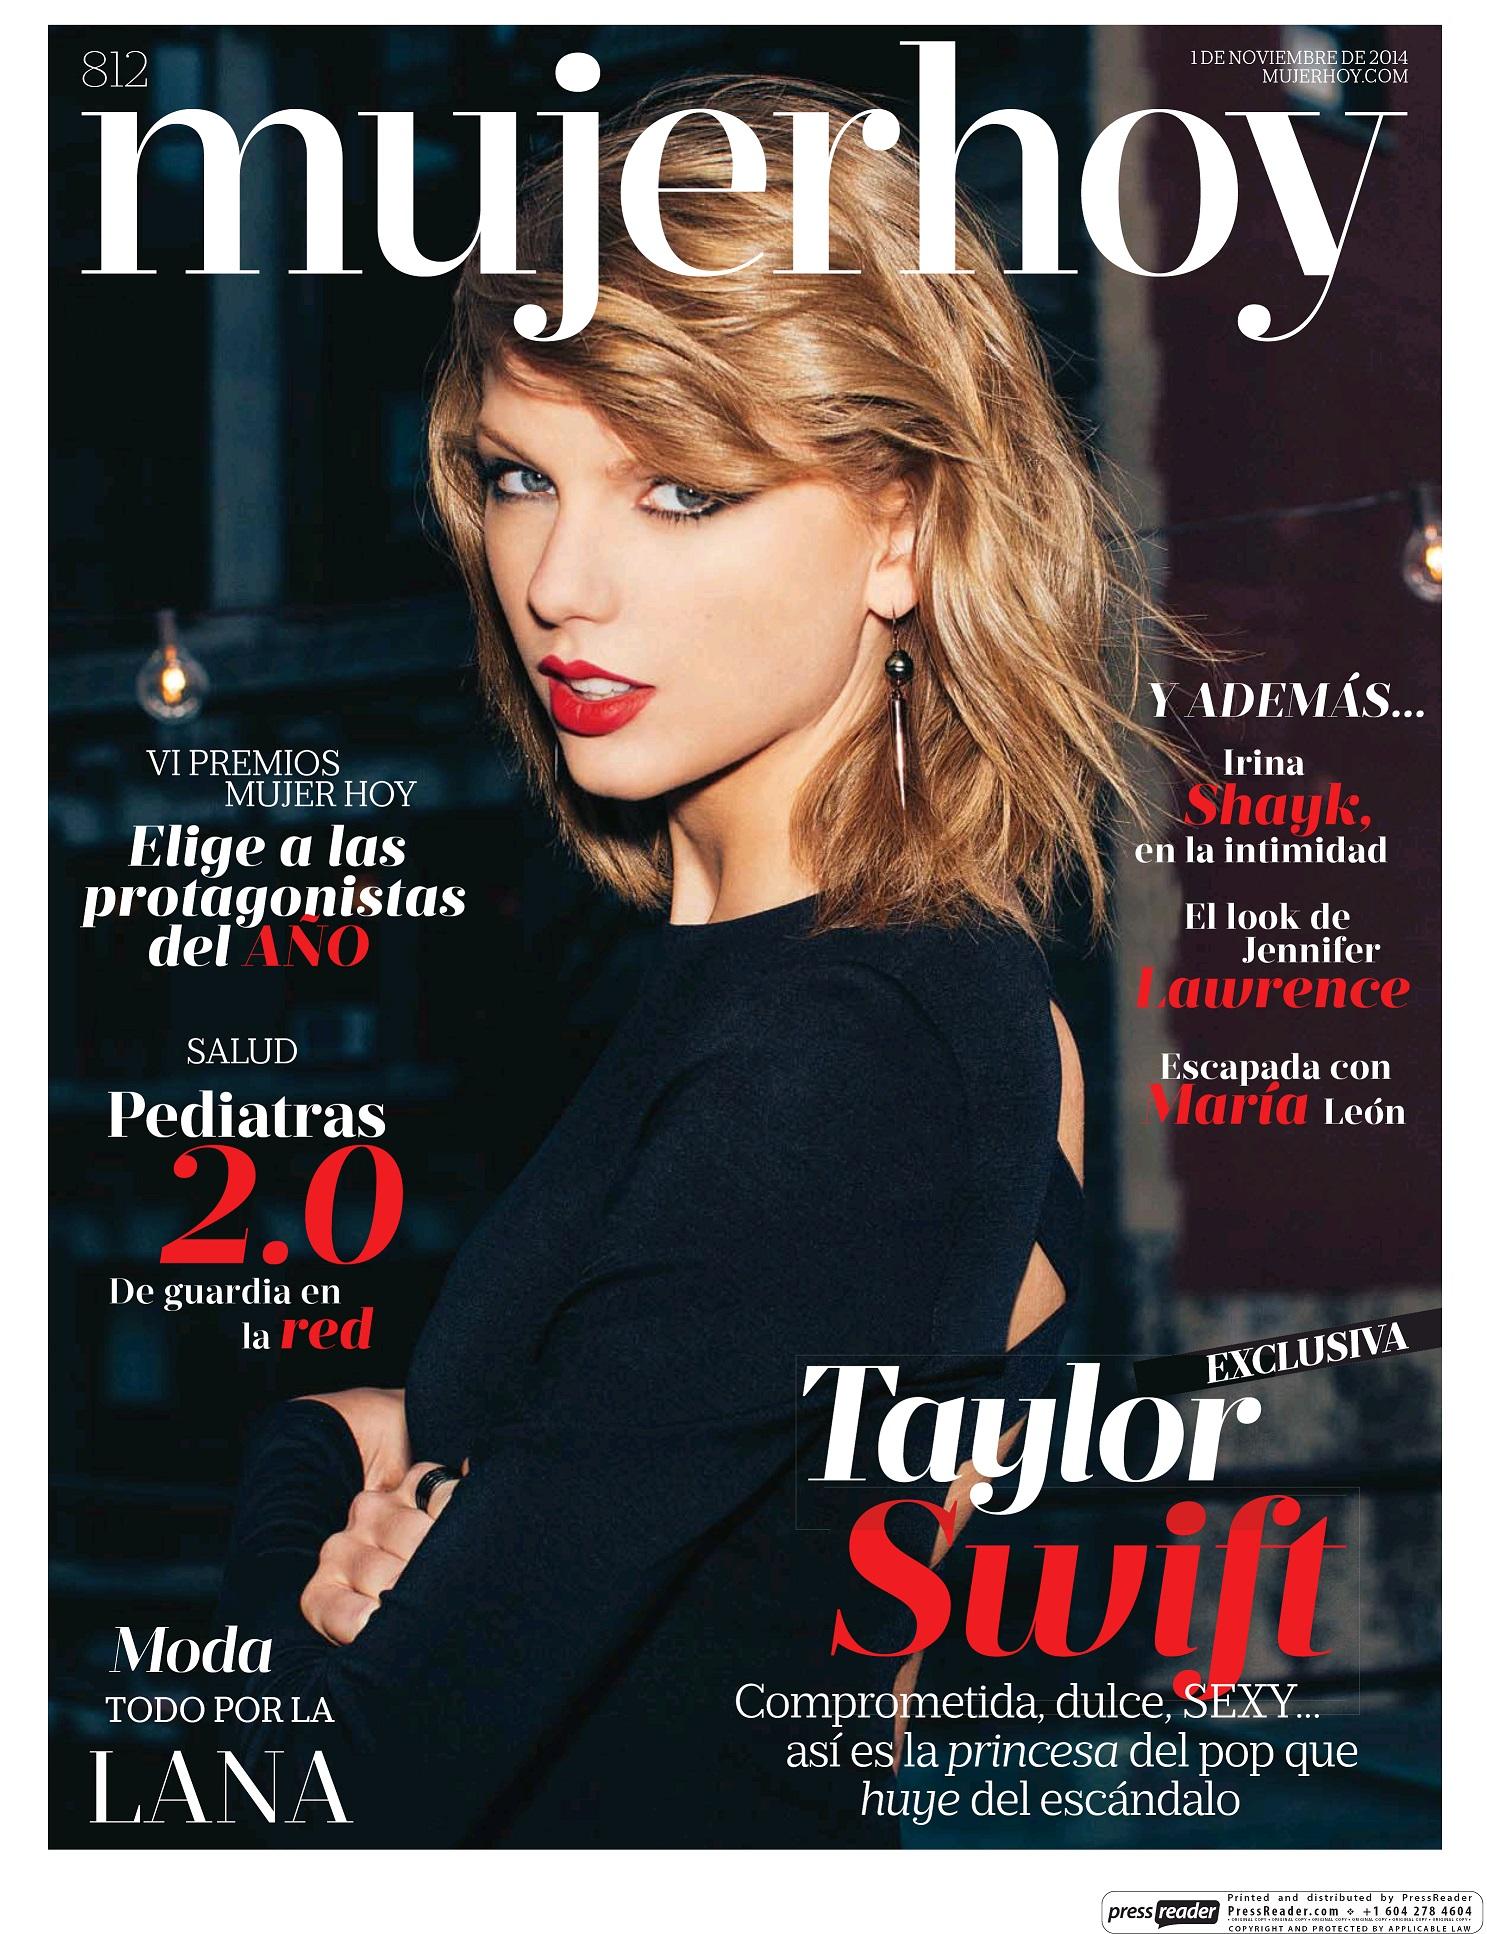 MUJER HOY portada 2 de noviembre 2014